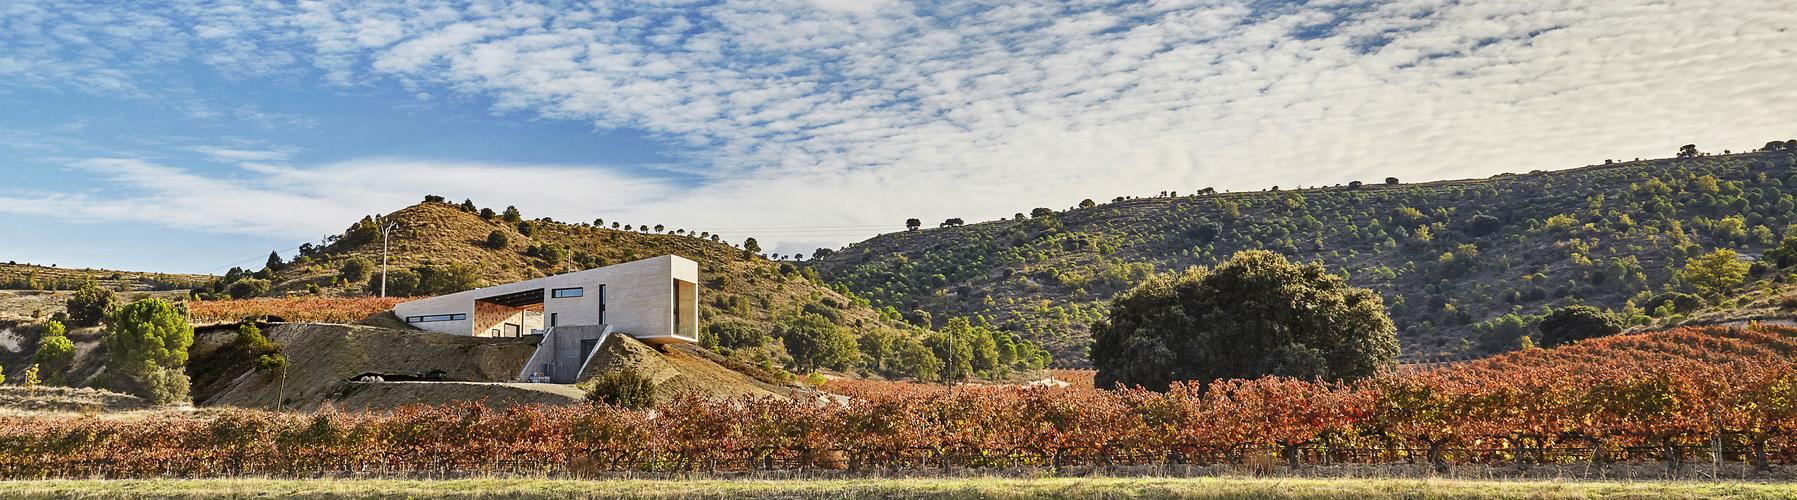 valdemonjas winery landscape resized